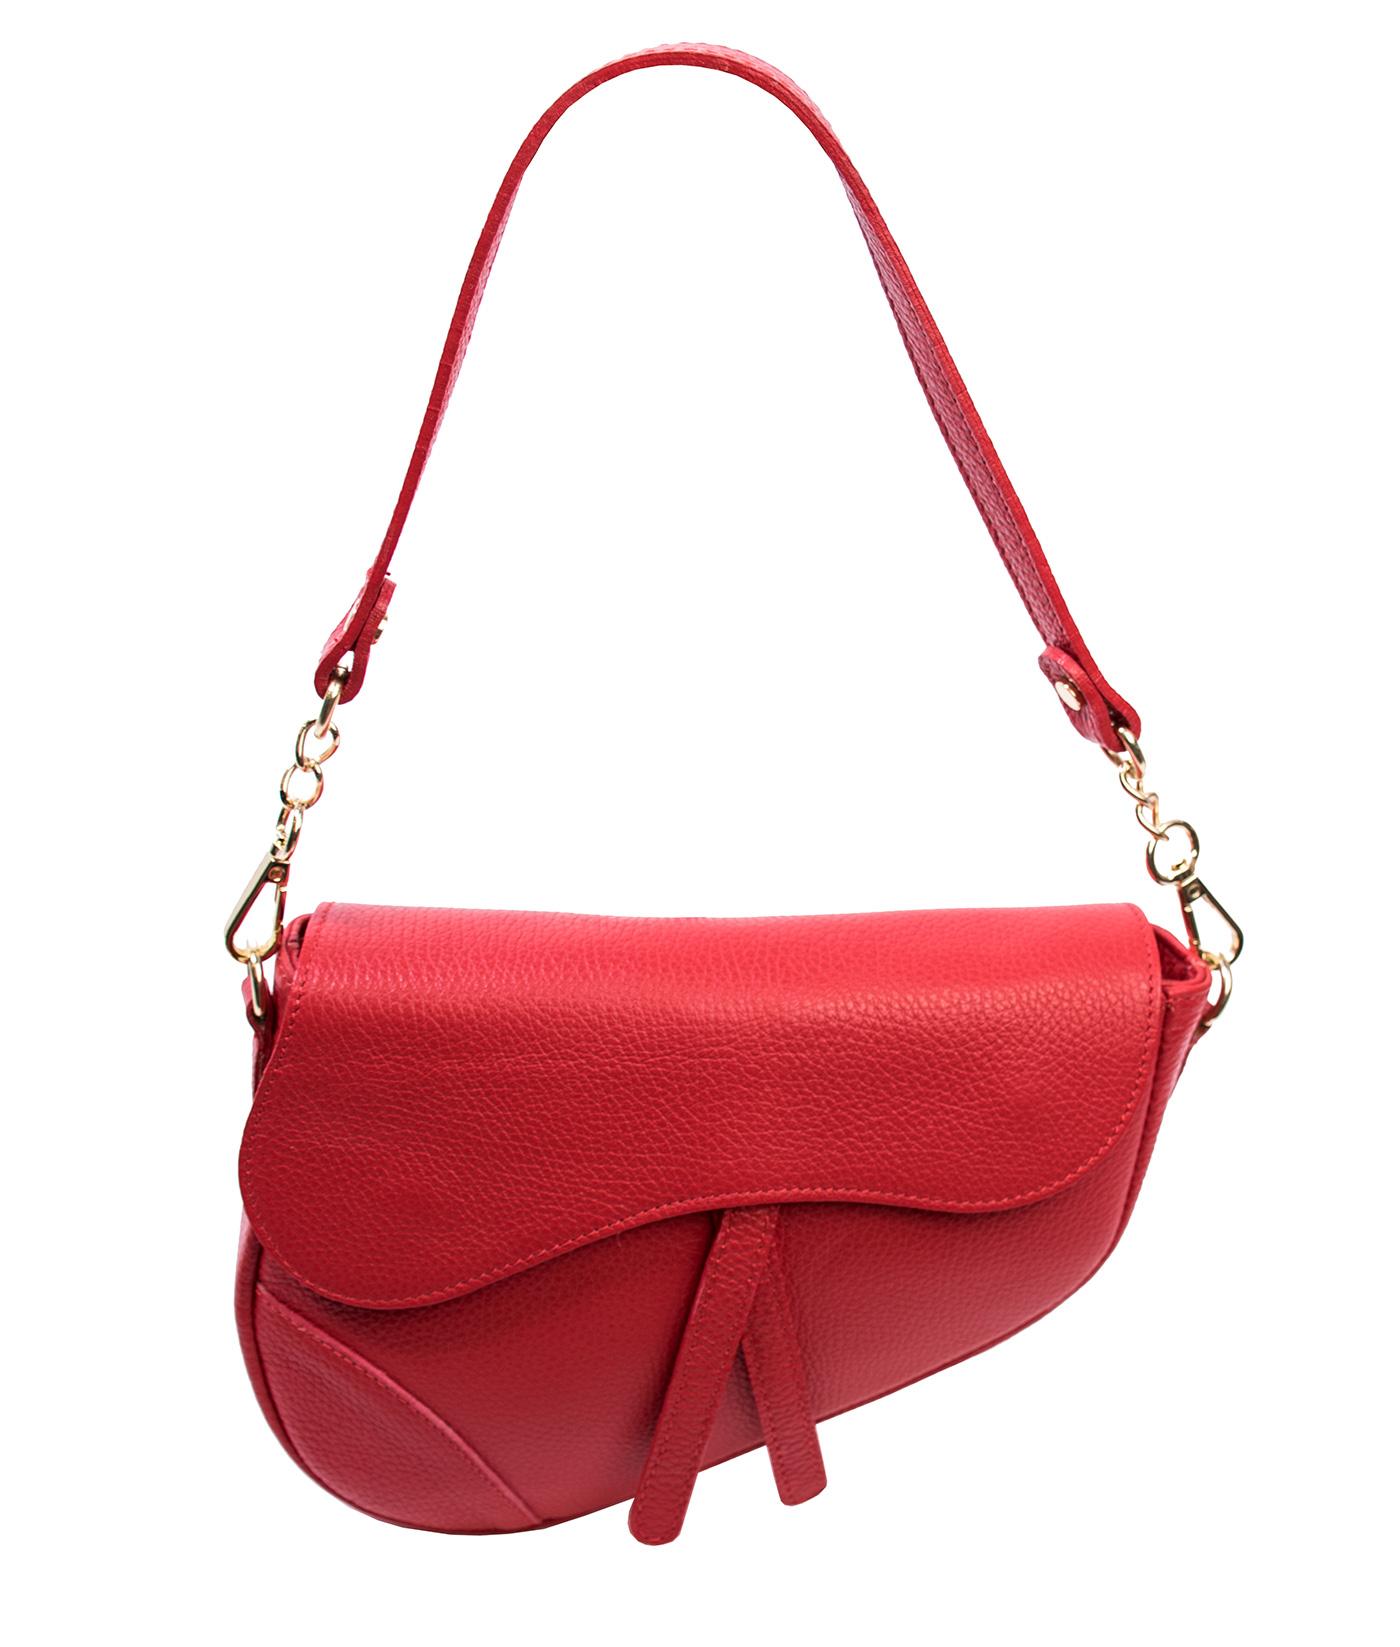 Bags and More Linda Piros Női Bőr Válltáska